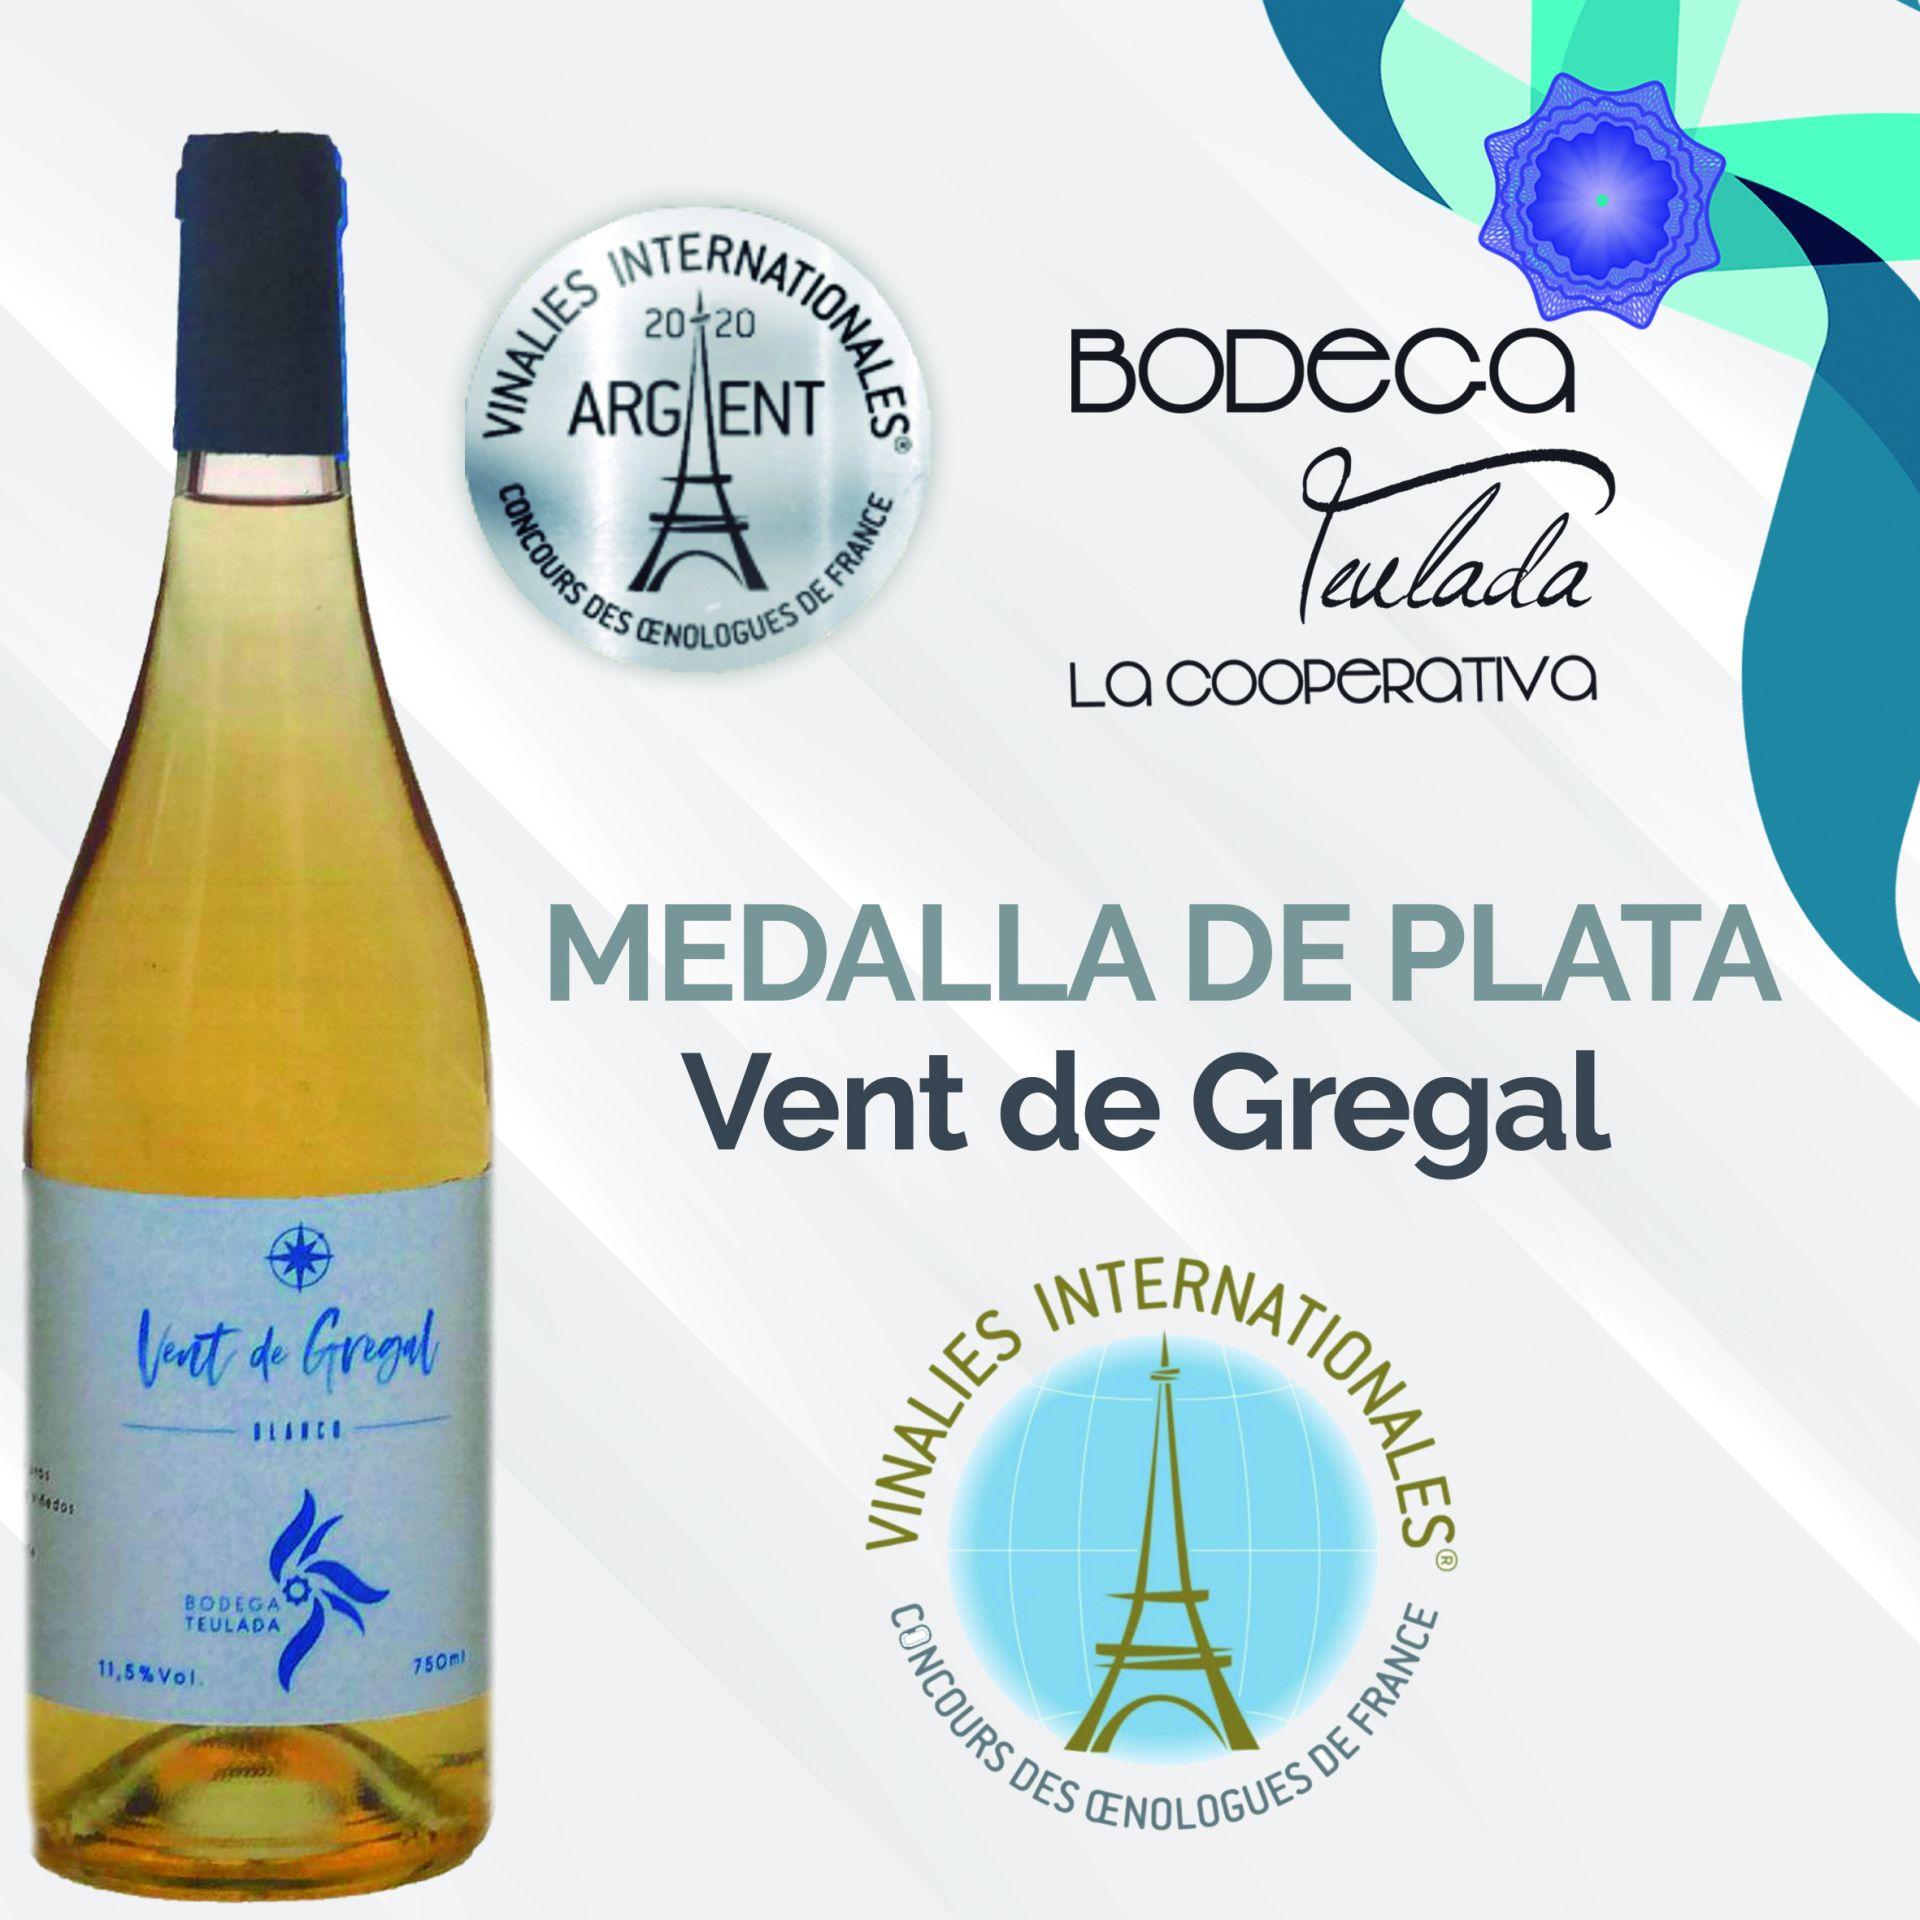 Medalla de plata Vent de Gregal en el Vinalies